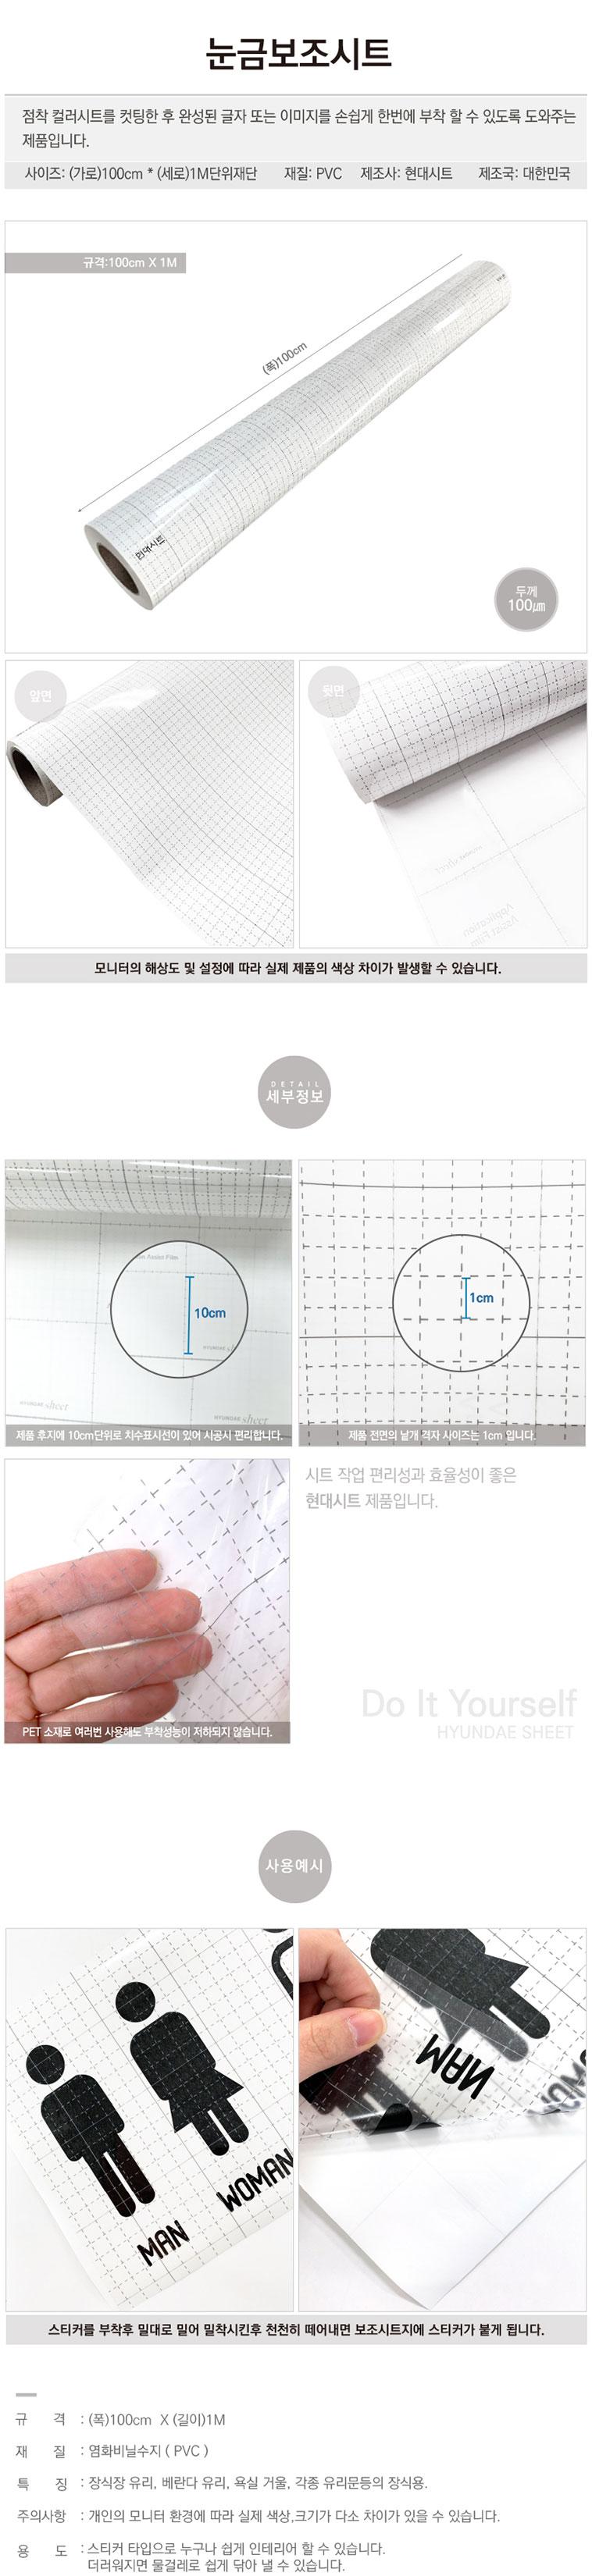 현대시트 눈금치수선 보조시트(폭)100cmx(길이)100cm - 케이알인터내셔날, 3,800원, 벽시/시트지, 단색벽지